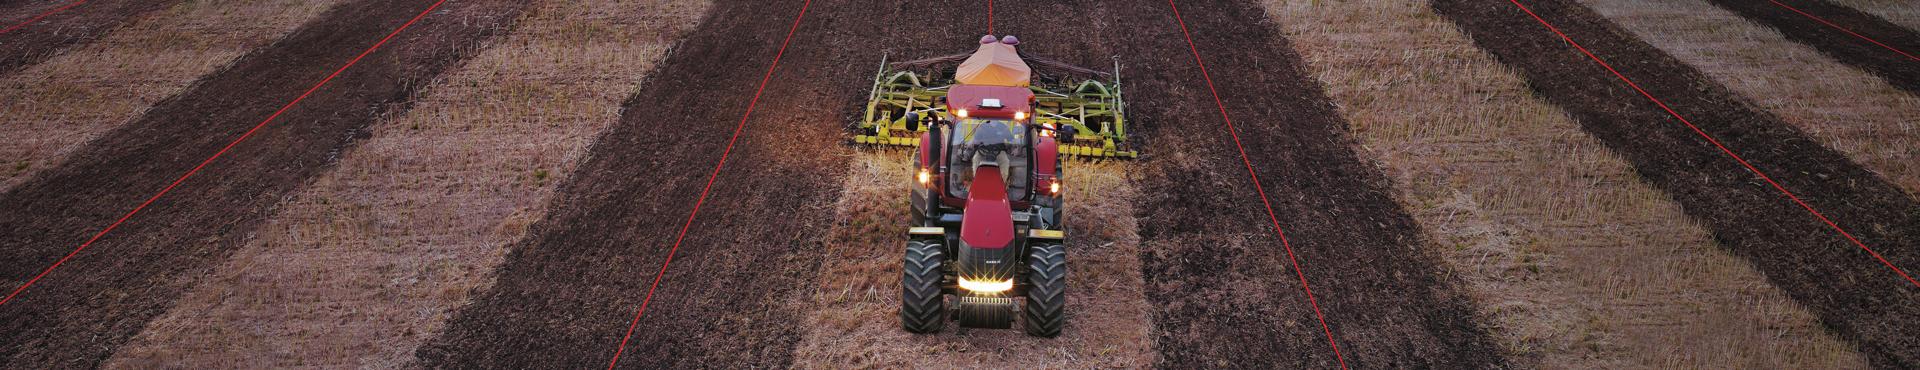 AFS-accuguide-presizion-farming